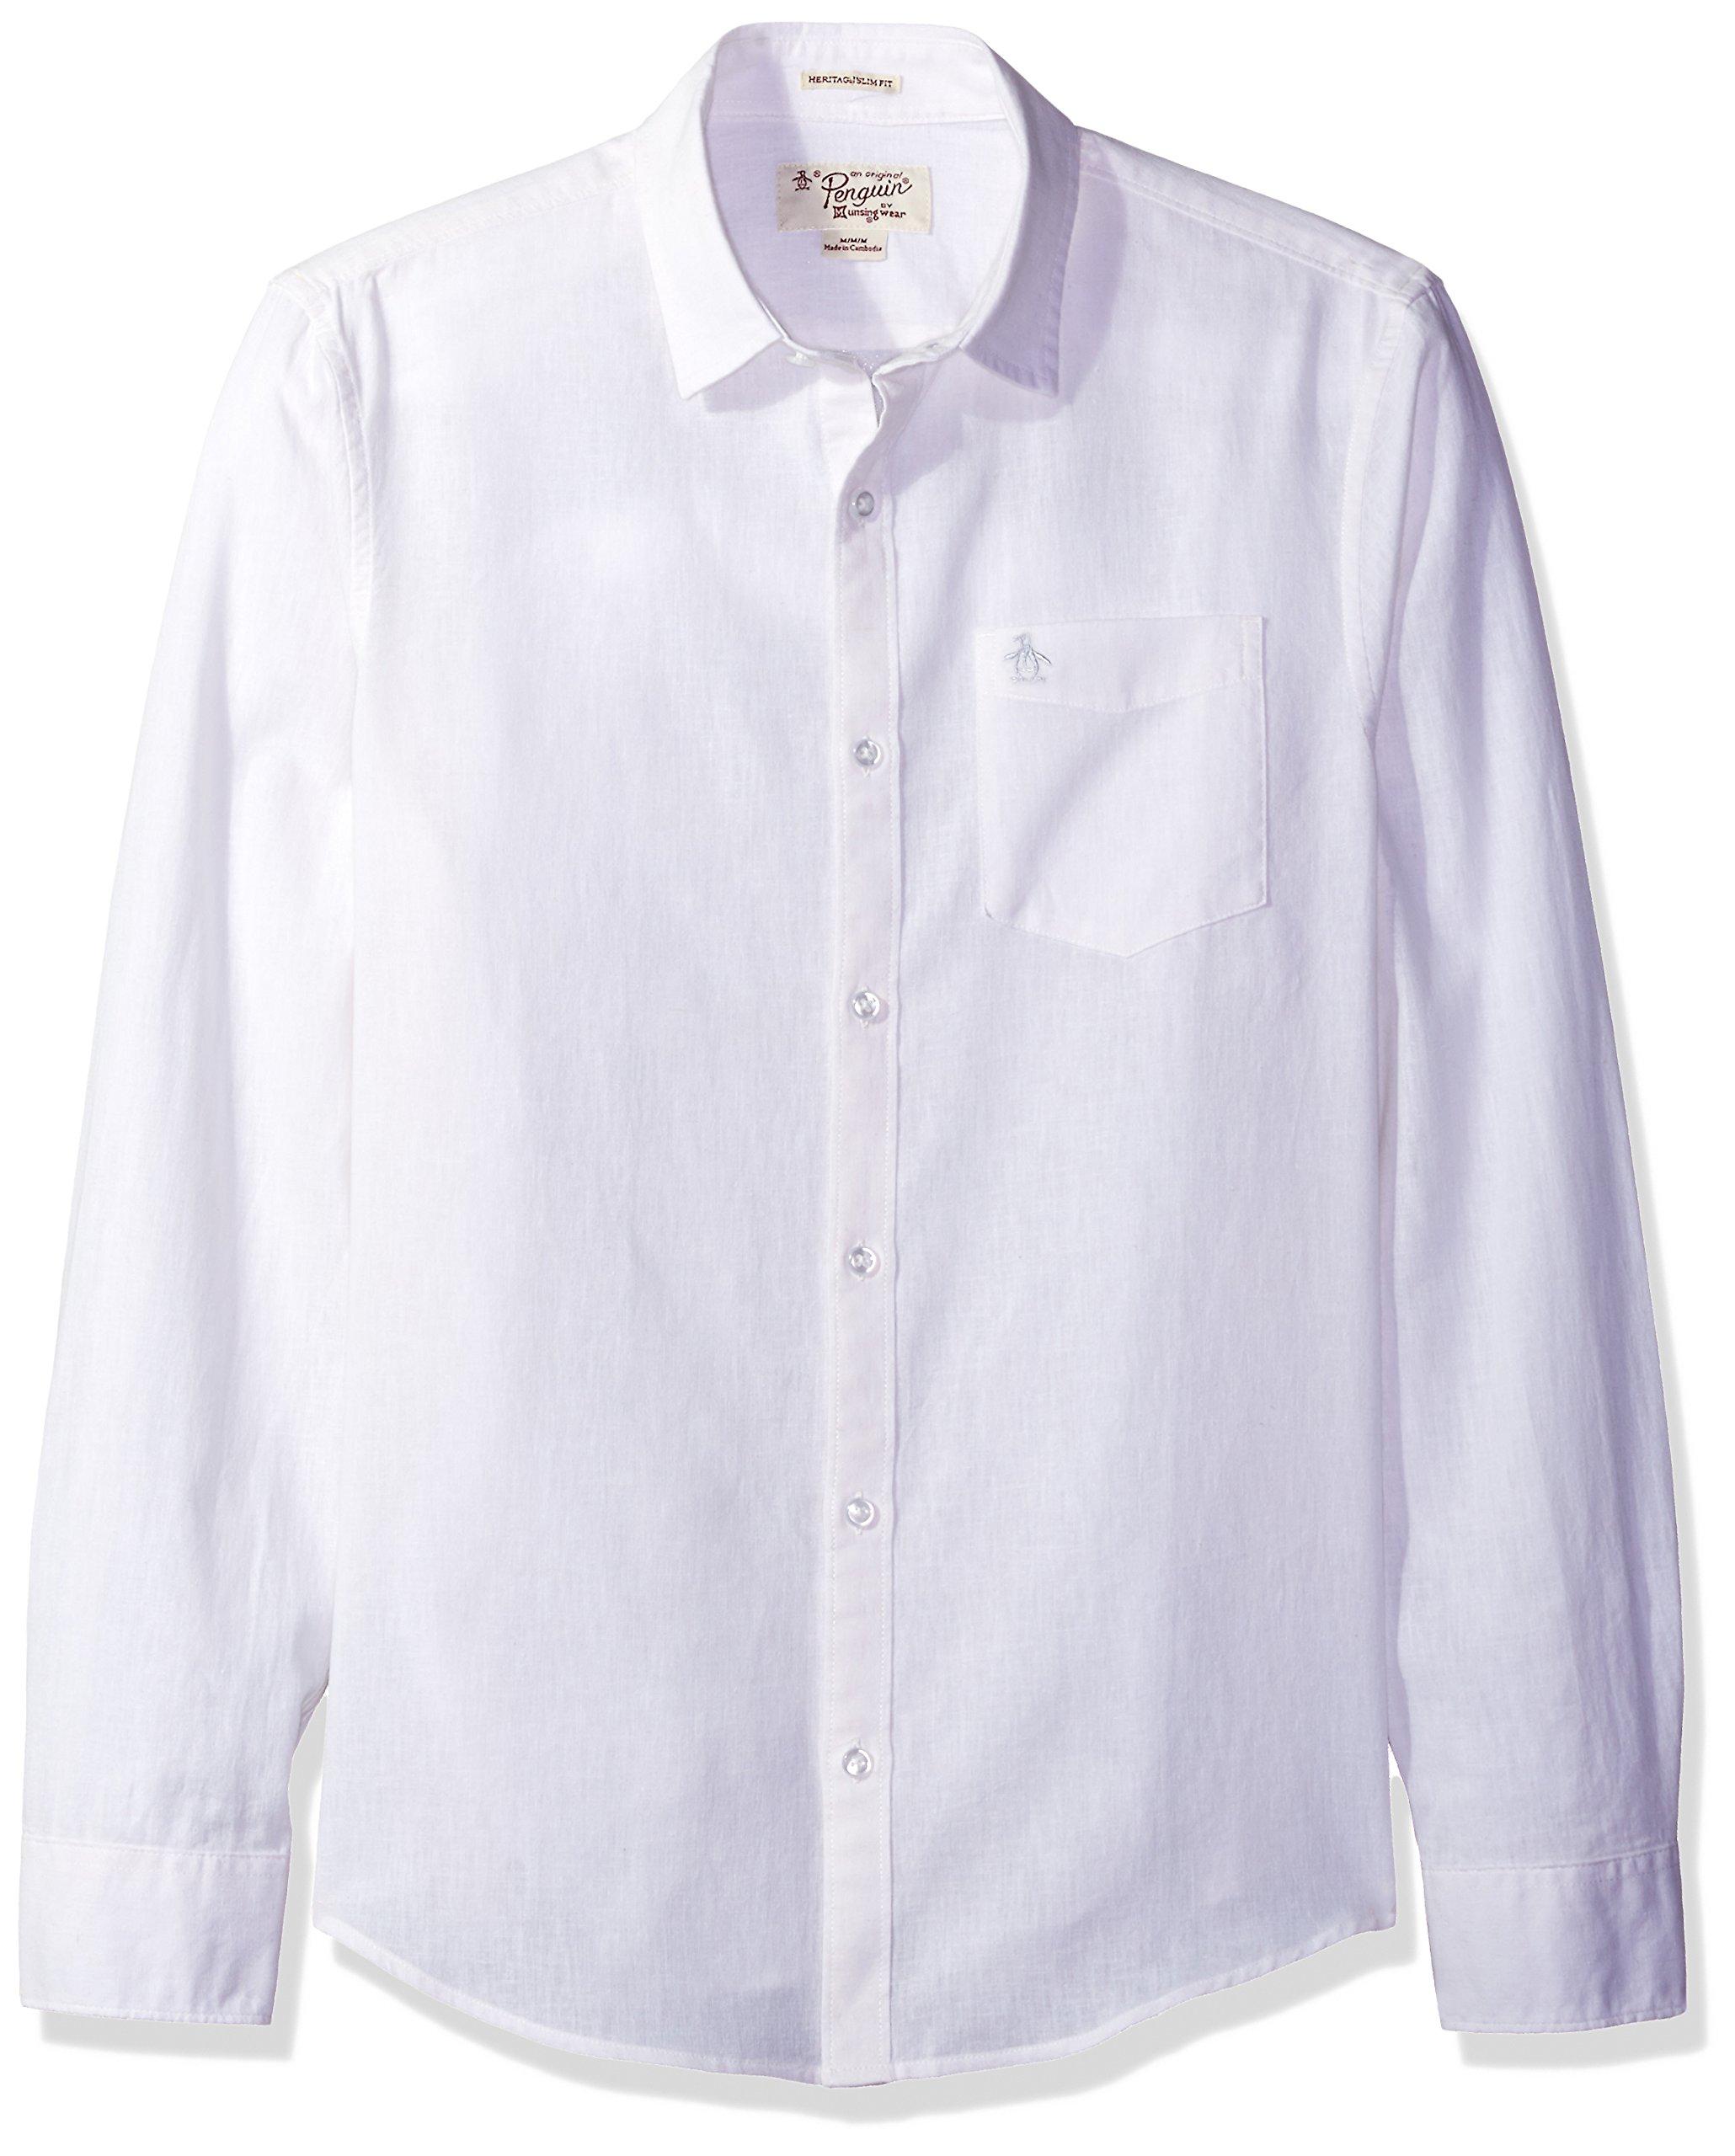 Original Penguin Men's Long Sleeve Cotton Linen Chm, Bright White, XL